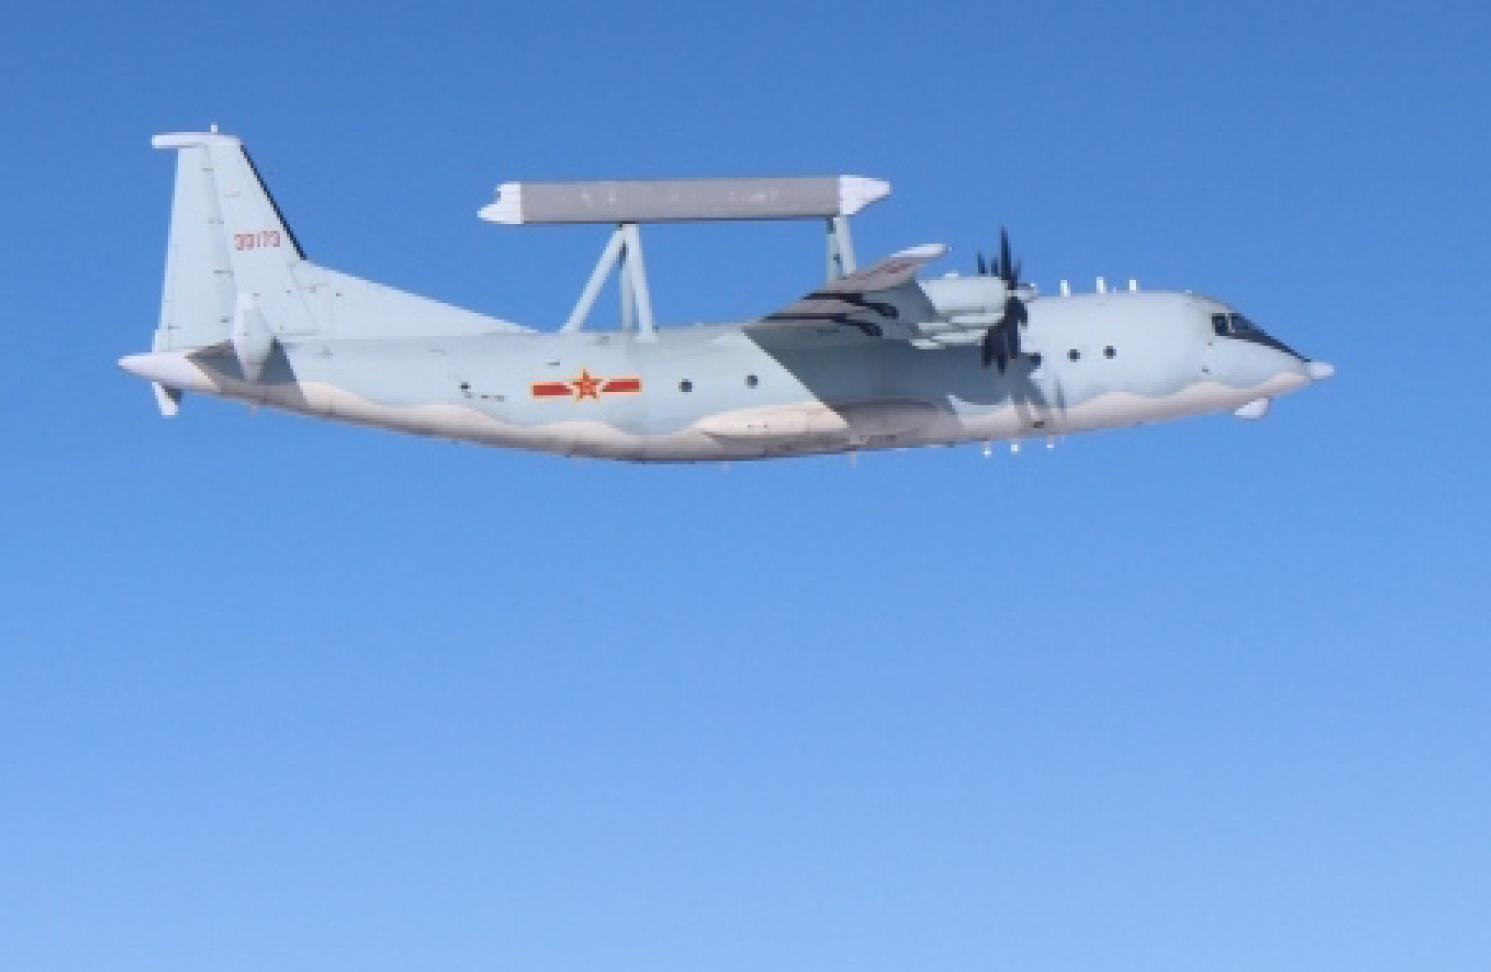 KJ-200 surveillance aircraft